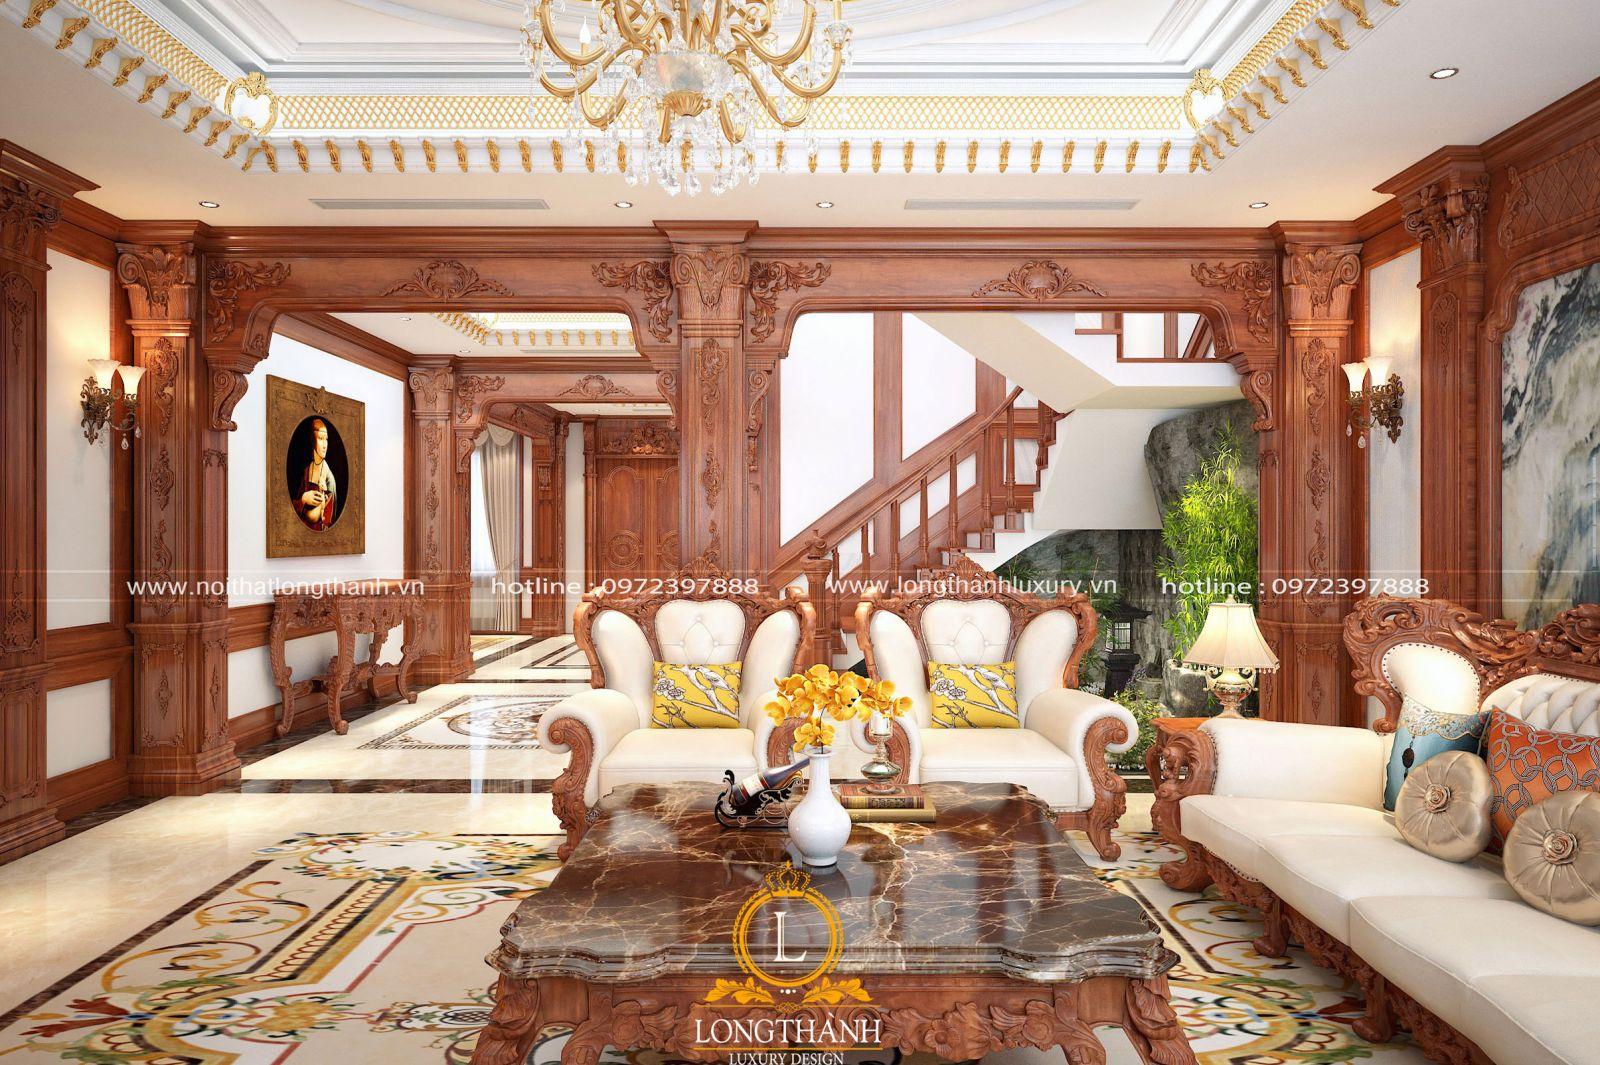 Giá gỗ gõ đỏ làm đồ nội thất hiện nay là bao nhiêu ?